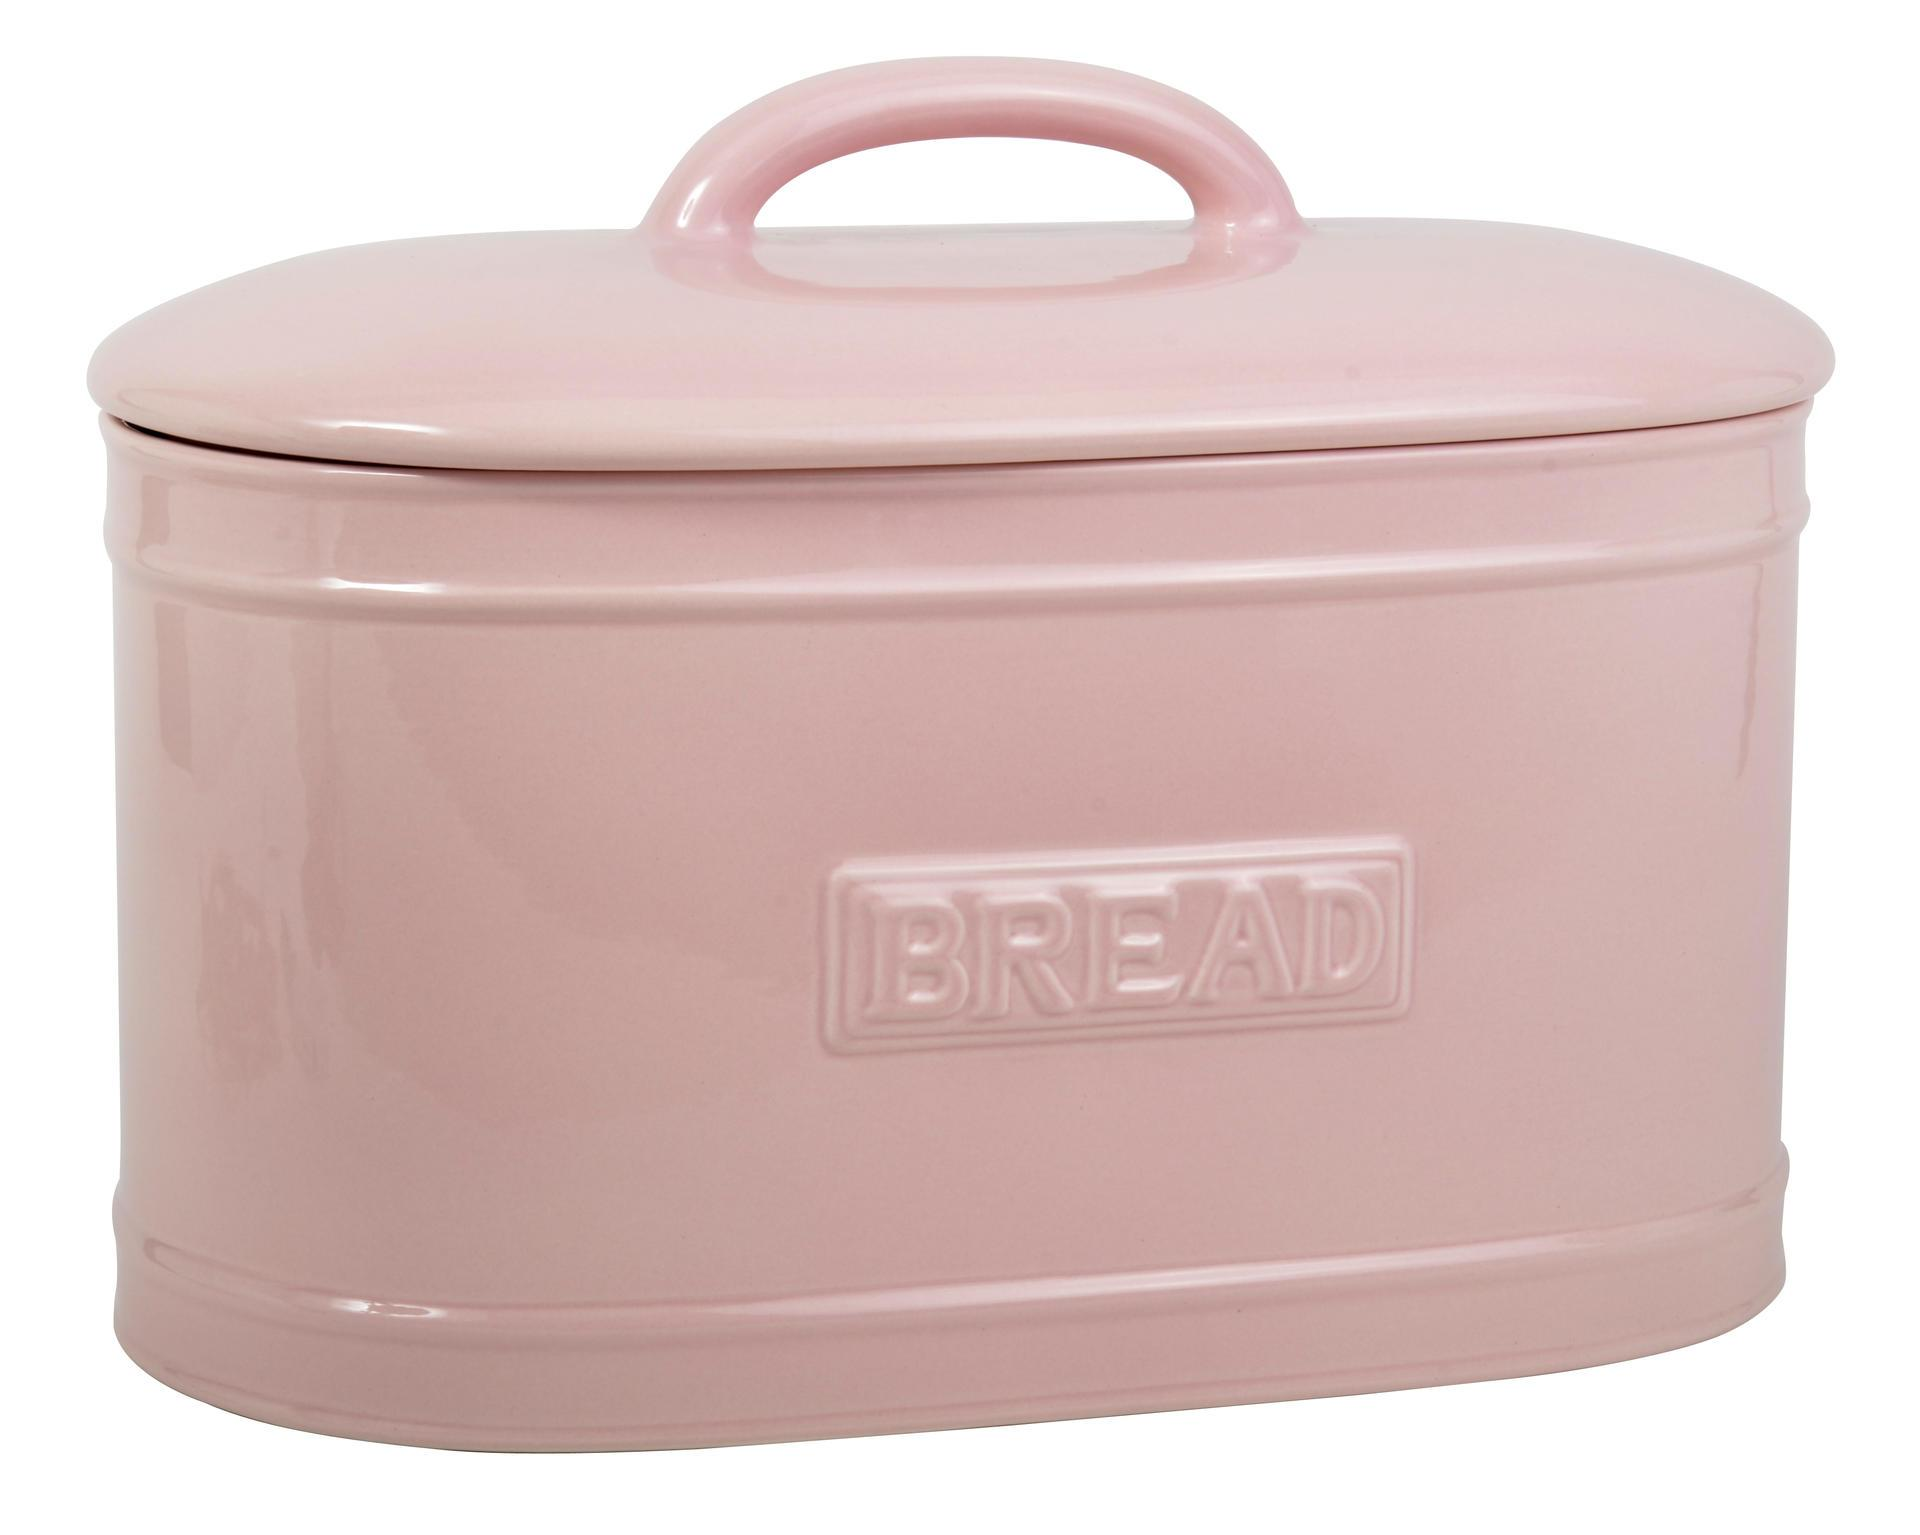 IB LAURSEN Porcelánový box Bread - růžový, růžová barva, keramika